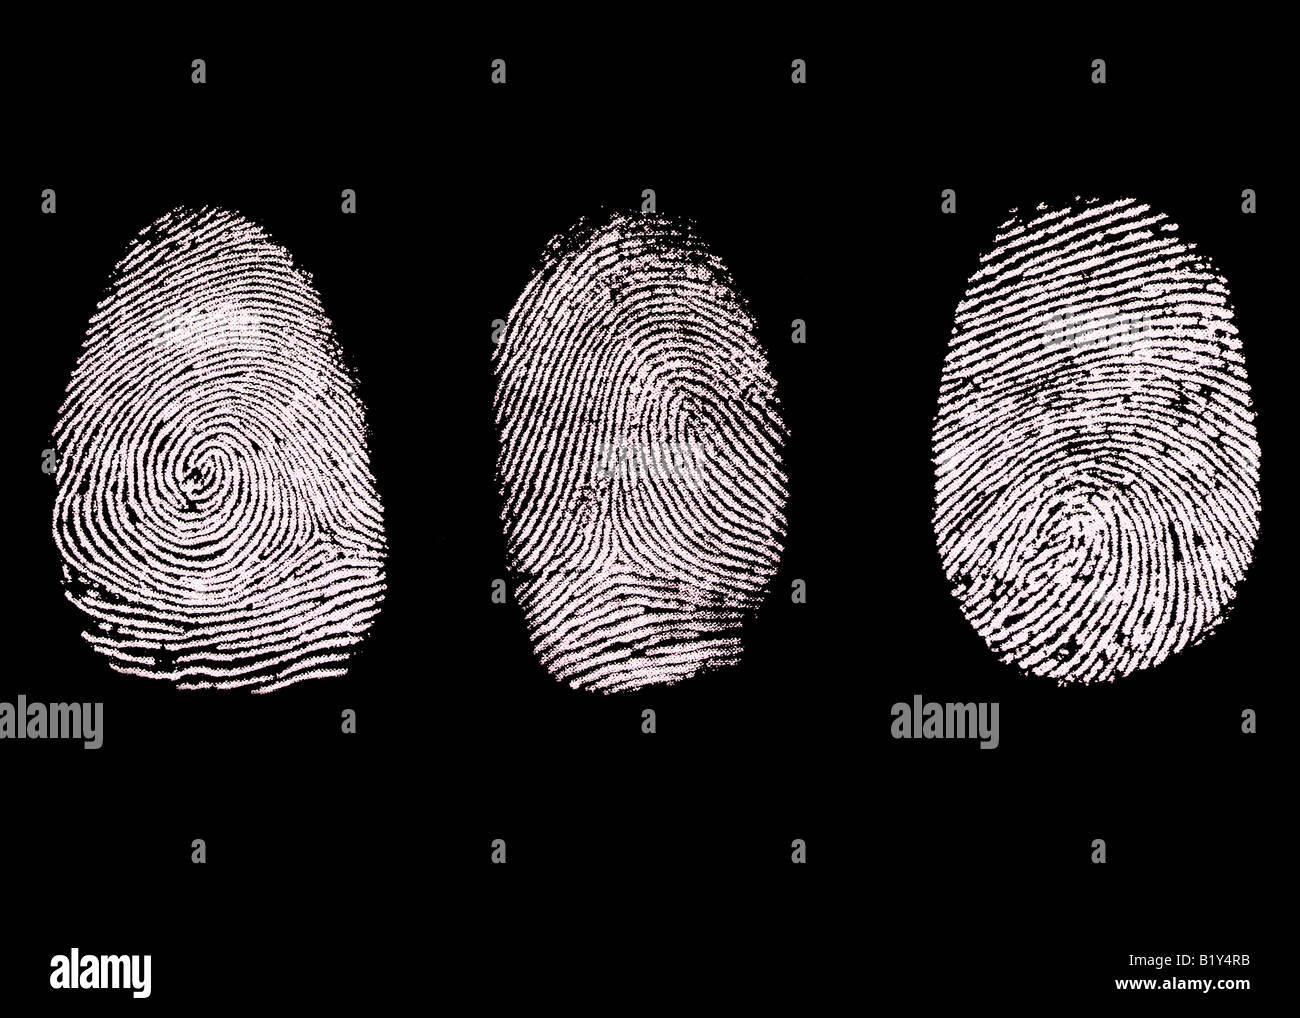 Fingerprints - Stock Image